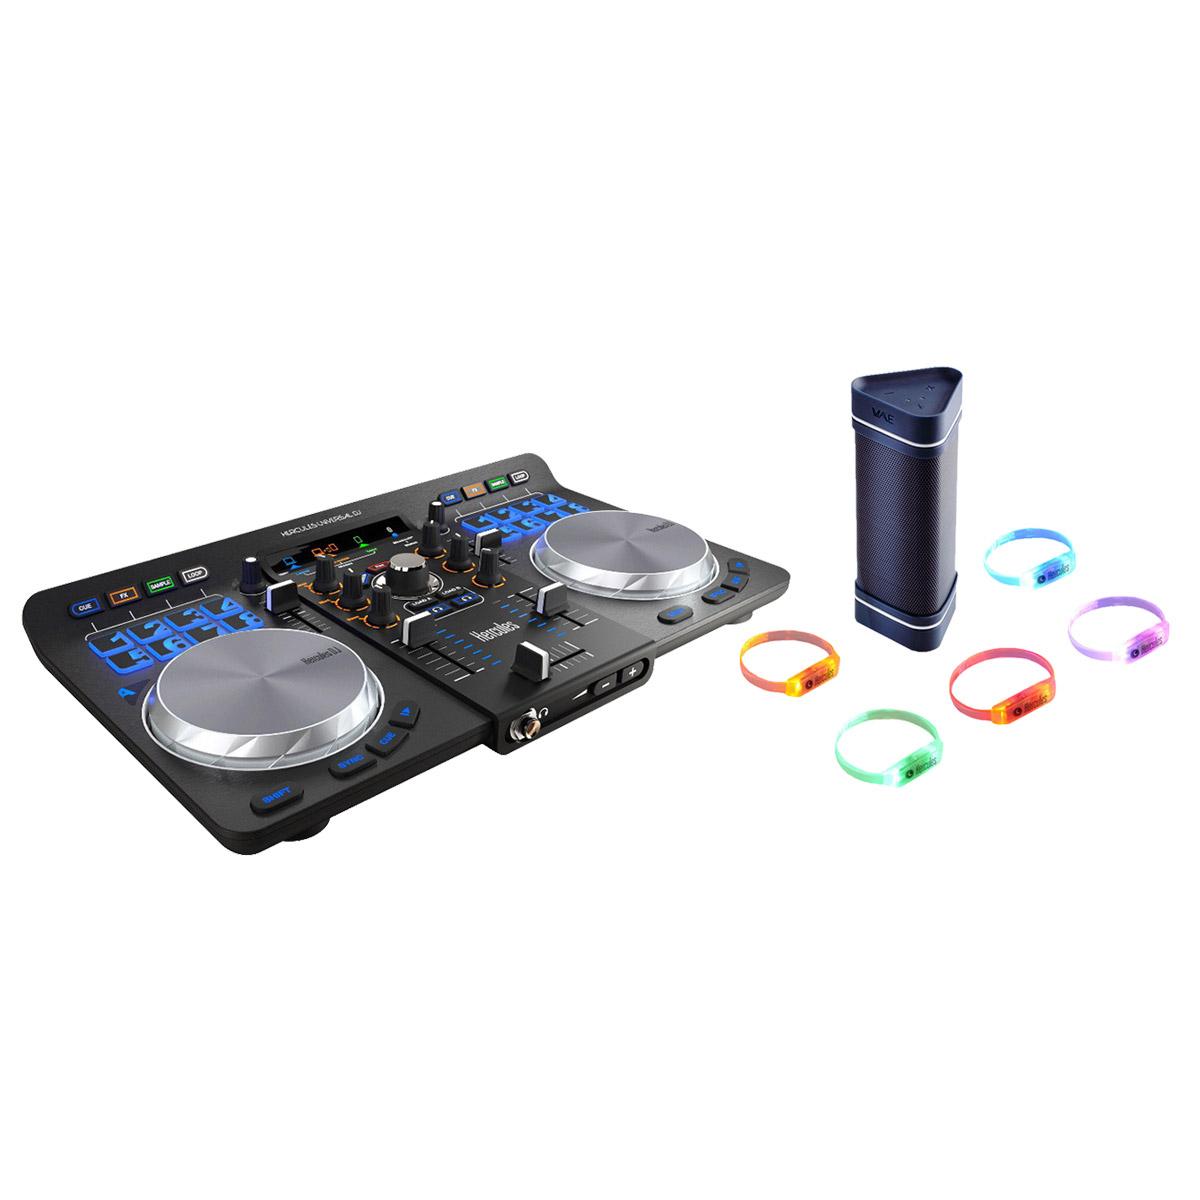 Contrôleur USB DJ Hercules + Enceinte BT outdoor et bracelets offerts